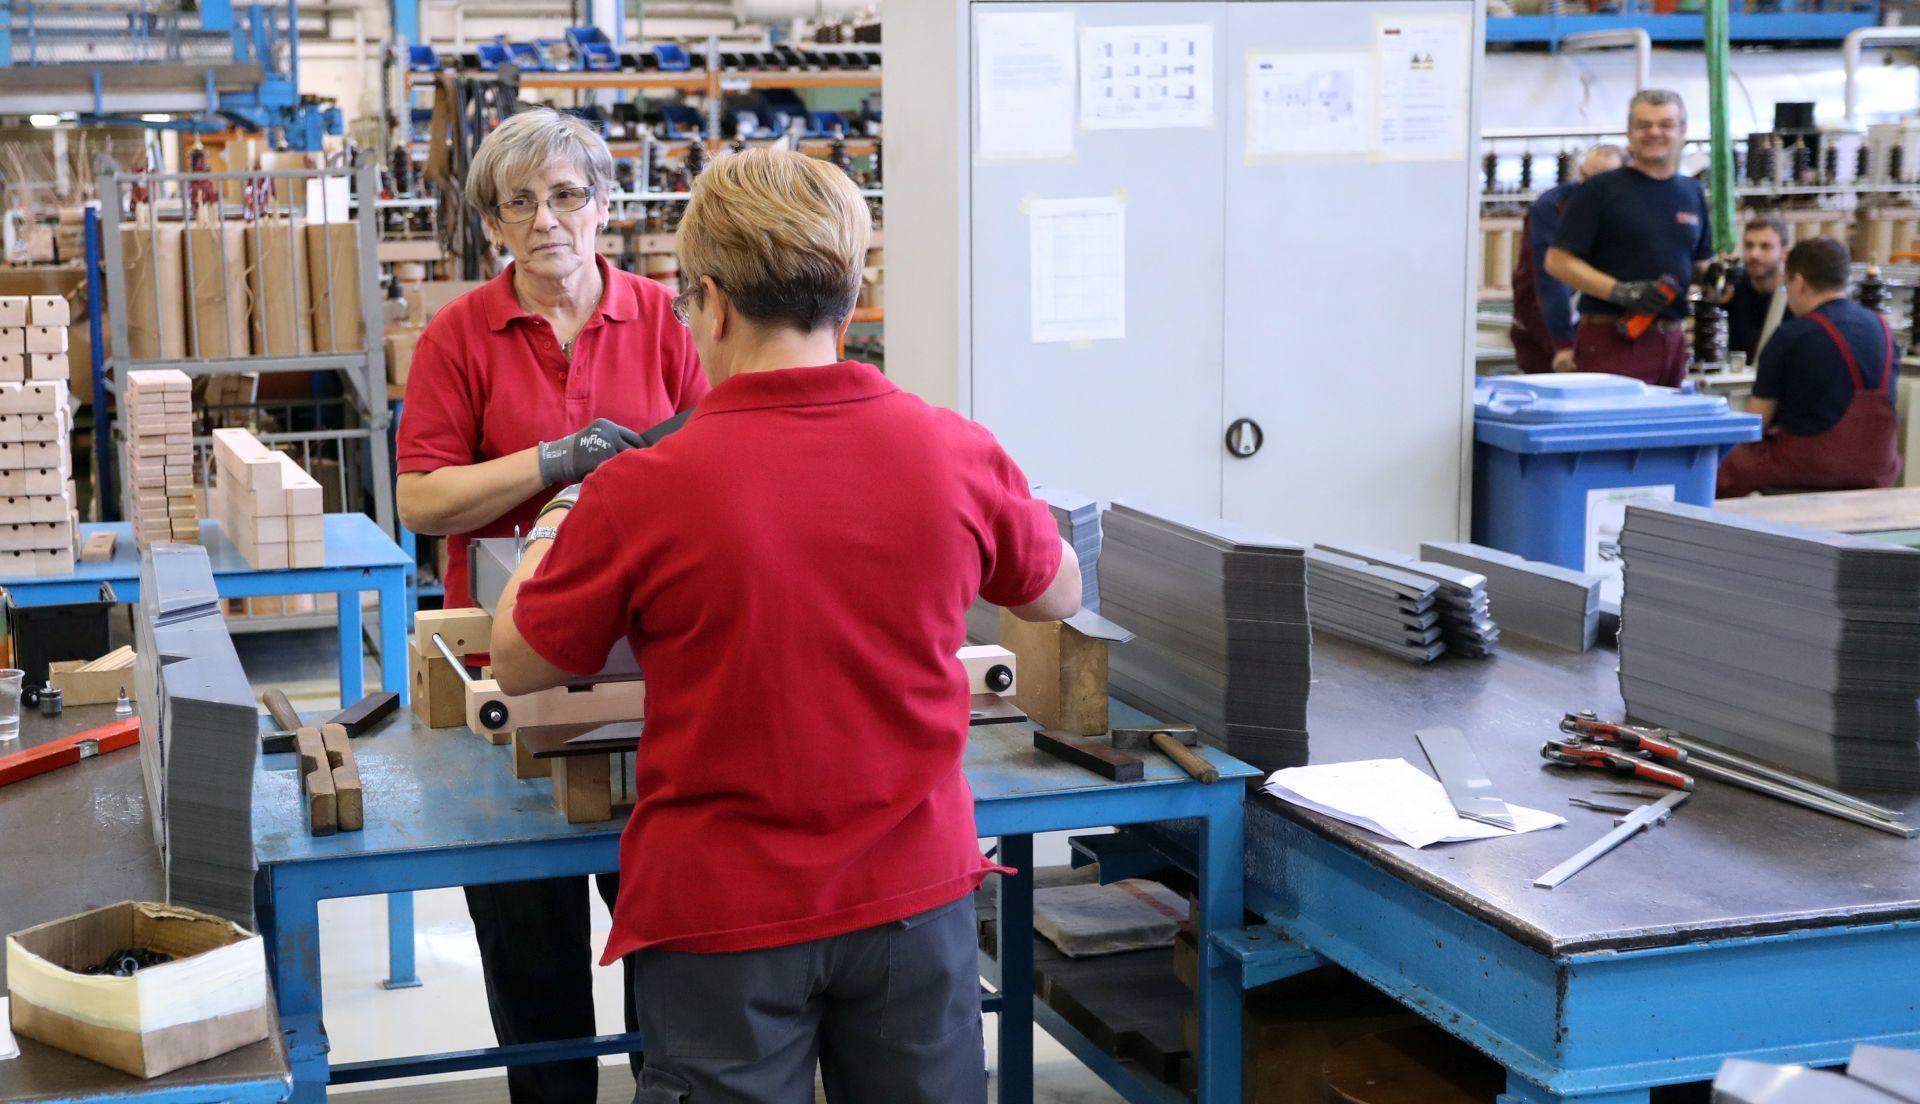 Hrvatska među zemljama EU s najvećim rastom stope slobodnih radnih mjesta